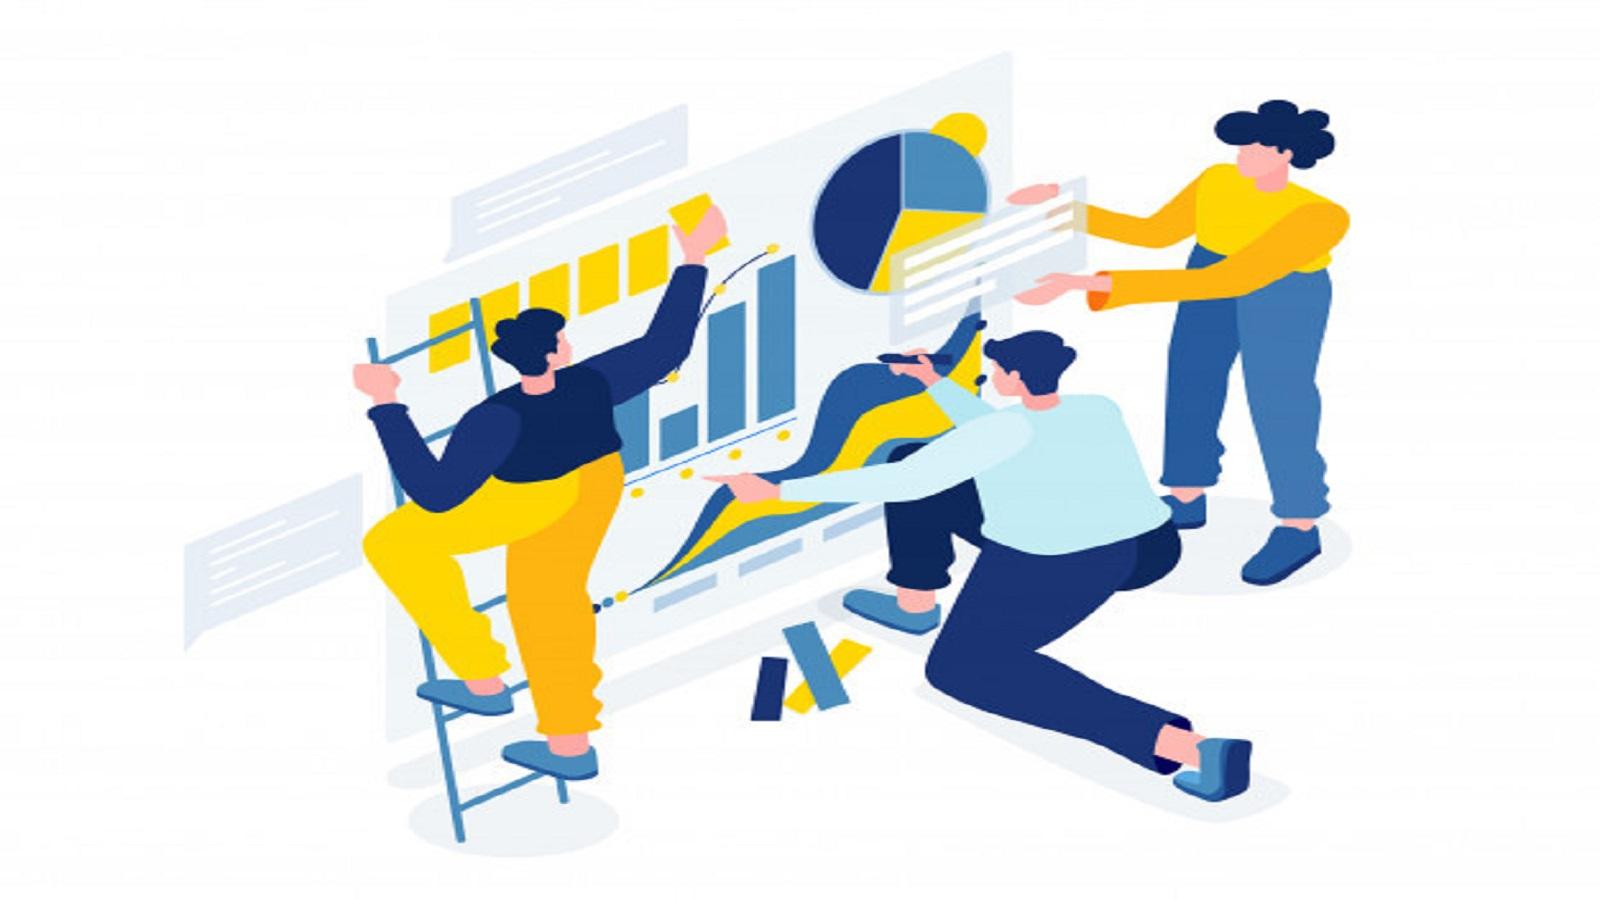 Nouvelles formes d'organisations : l'entreprise agile à la recherche du sens (5)